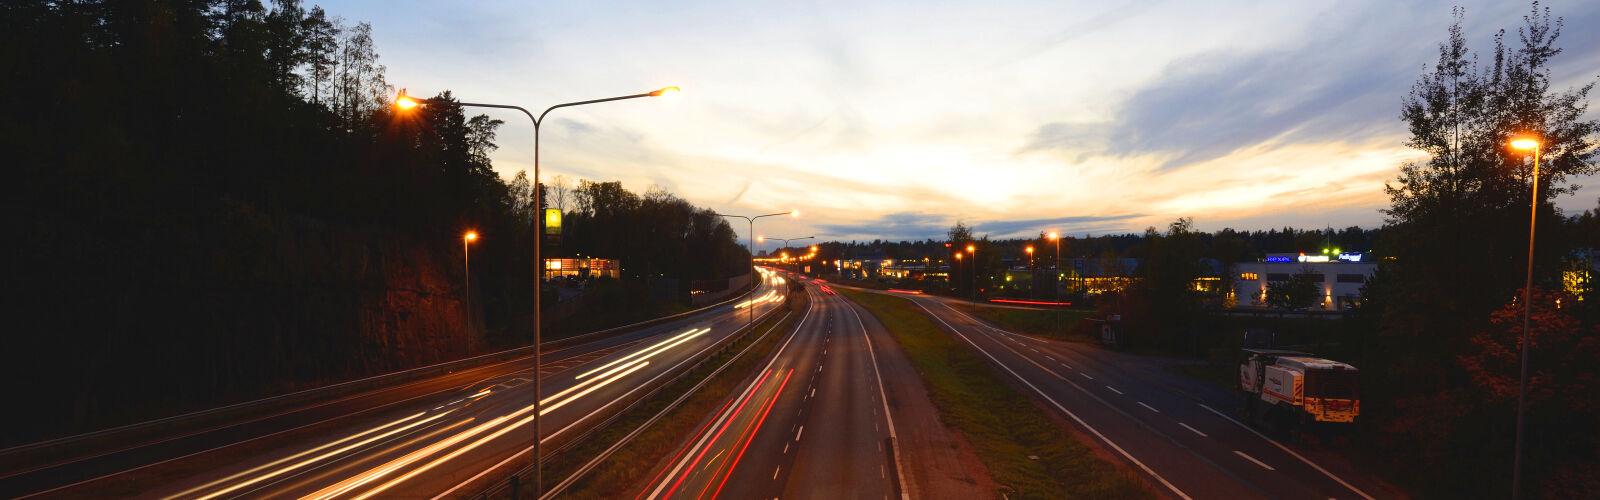 maantie ja liikennettä illalla